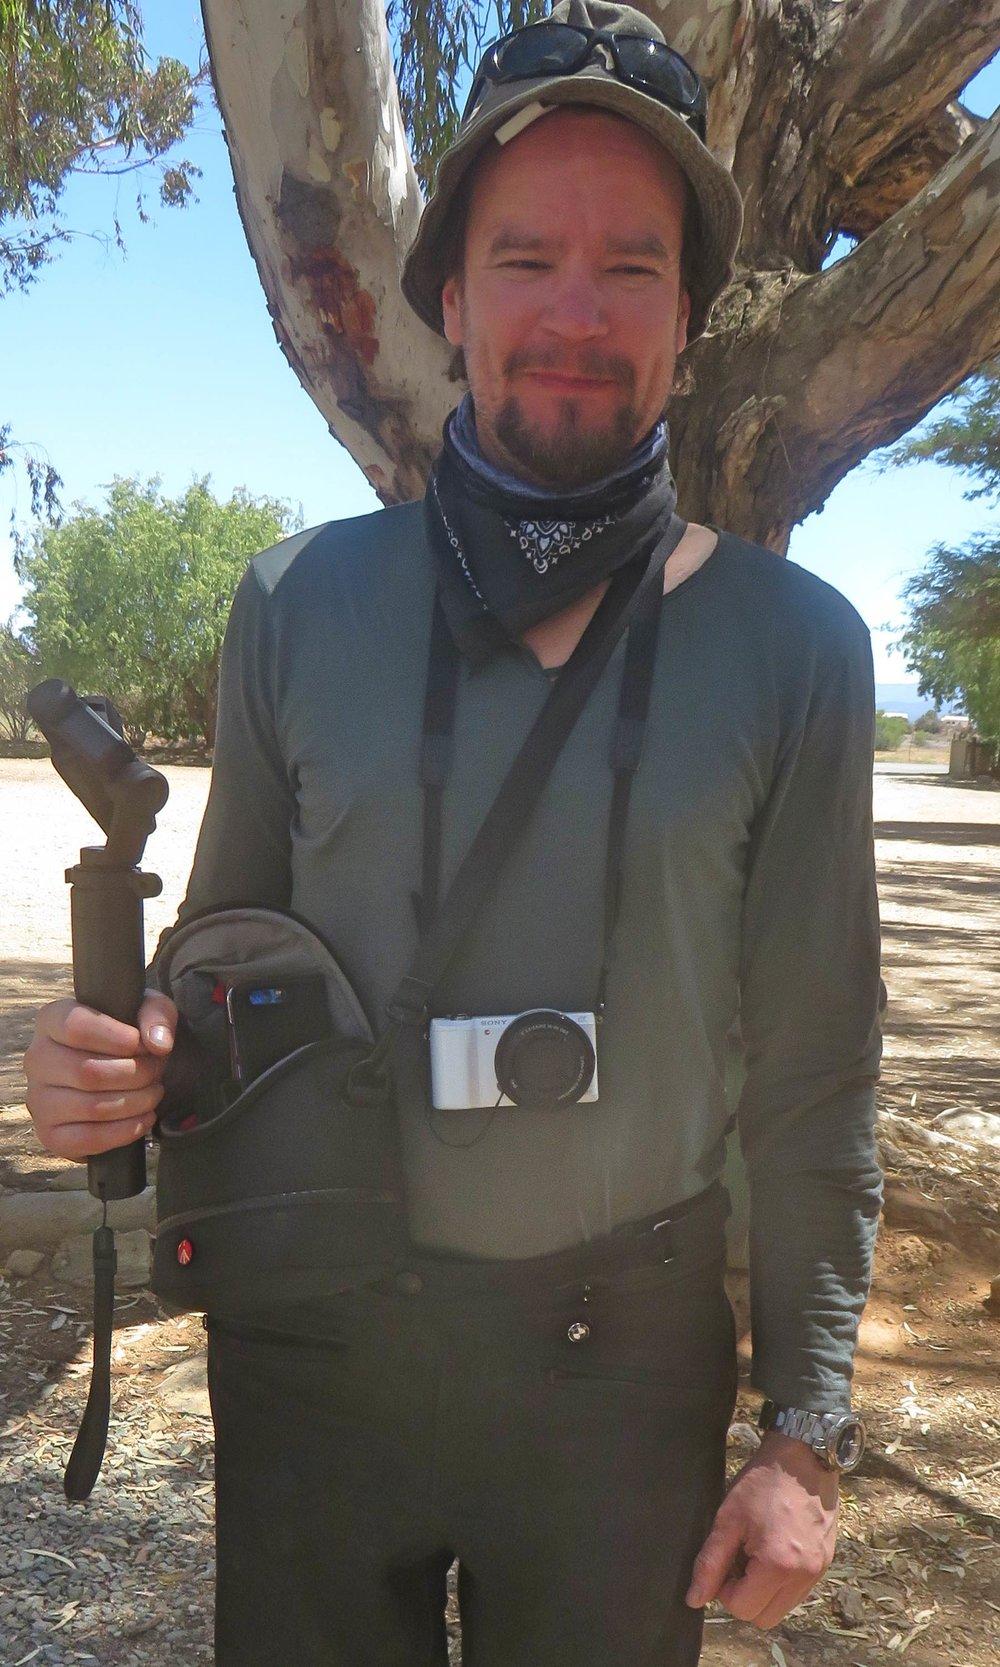 Turisti valmiina ottamaan kuvan!